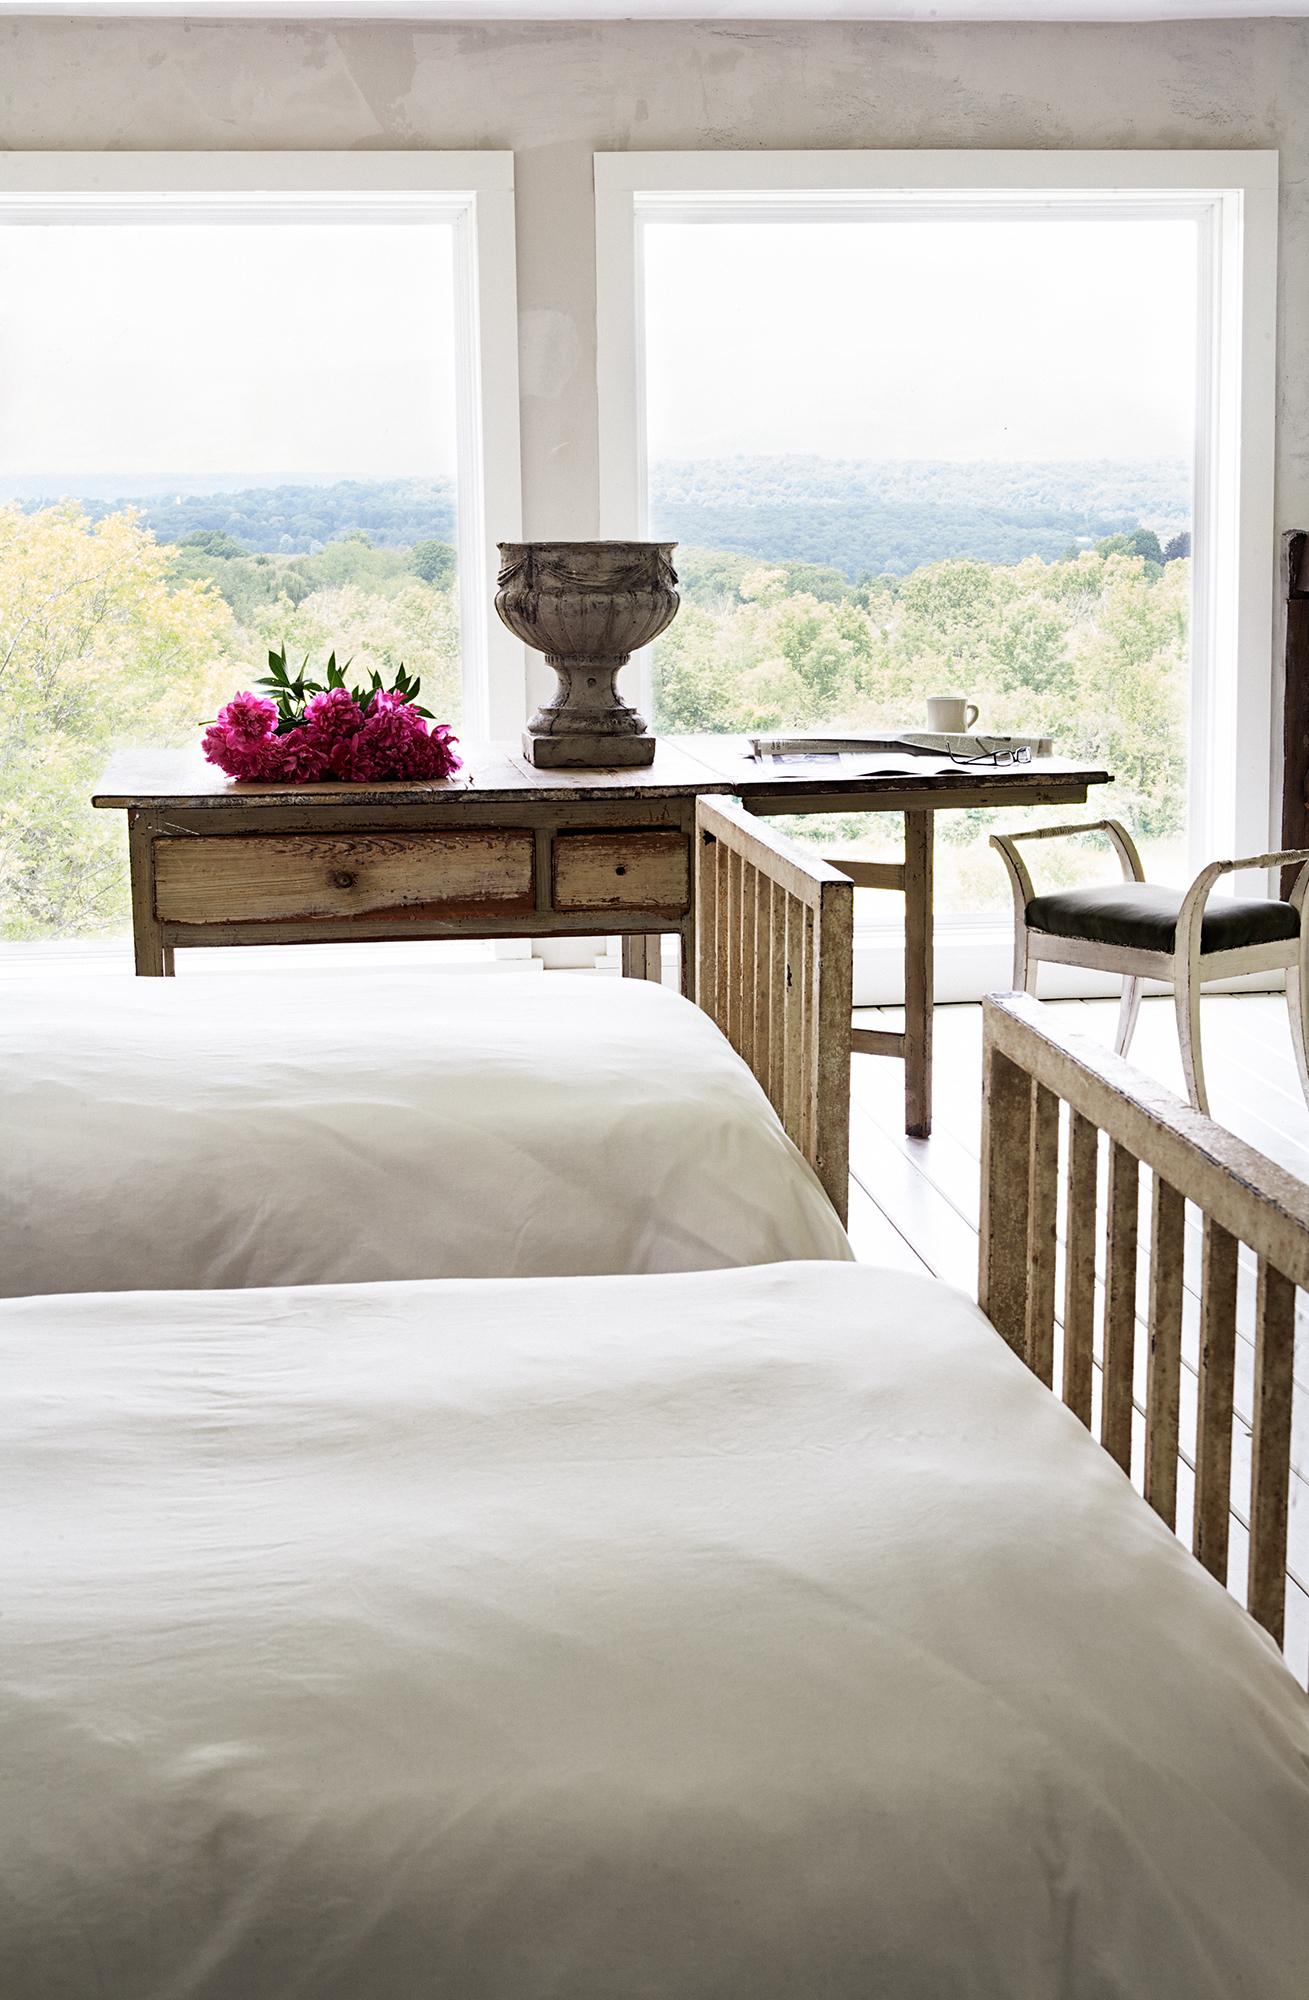 På sovloftet finns plats för övernattande gäster. Sängarna är från ett nedlagt sjukhus.